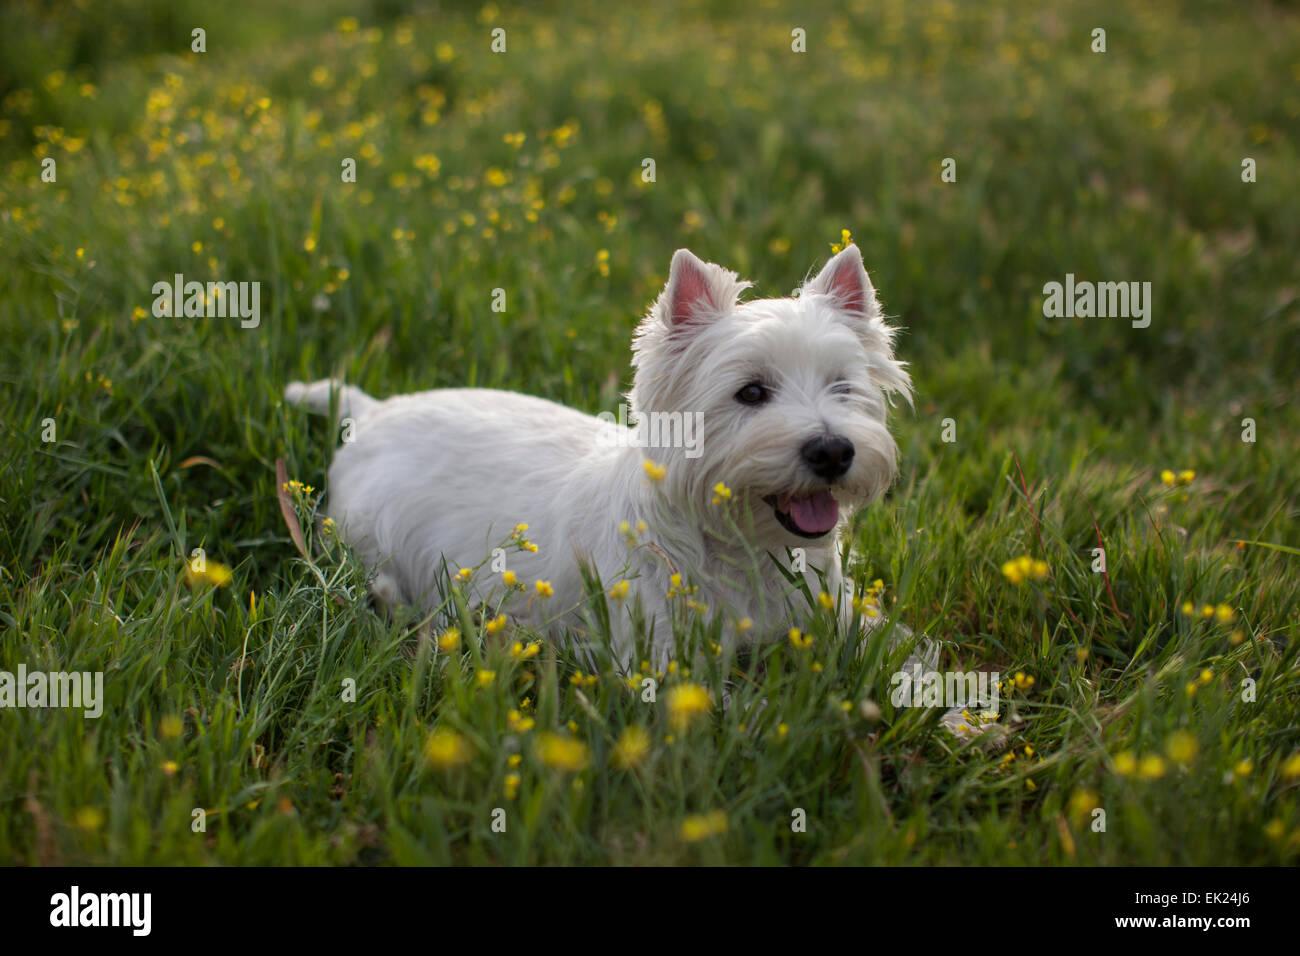 Un Westie (West Highland Terrier) descansa sobre el césped. Foto de stock